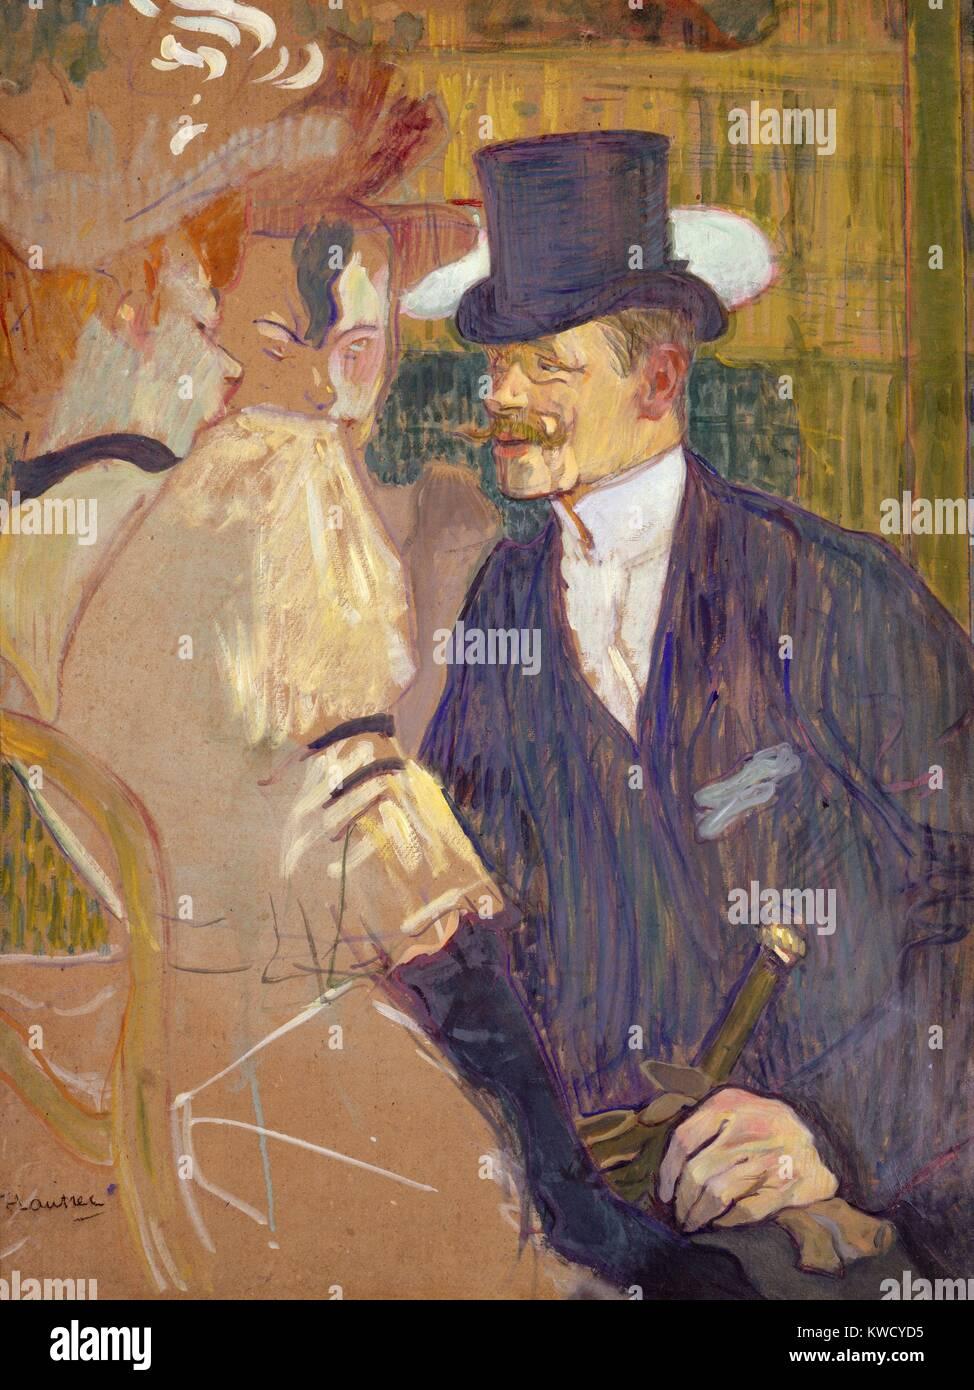 L'inglese presso il Moulin Rouge, da Henri de Toulouse-Lautrec, 1892, Post-Impressionist pittura. Lautrecs amico pittore inglese William Tom Warrener, appare come un top-cappello gentiluomo con due compagne femmine presso il Moulin Rouge. Warrener's redde (BSLOC_2017_5_62) Foto Stock